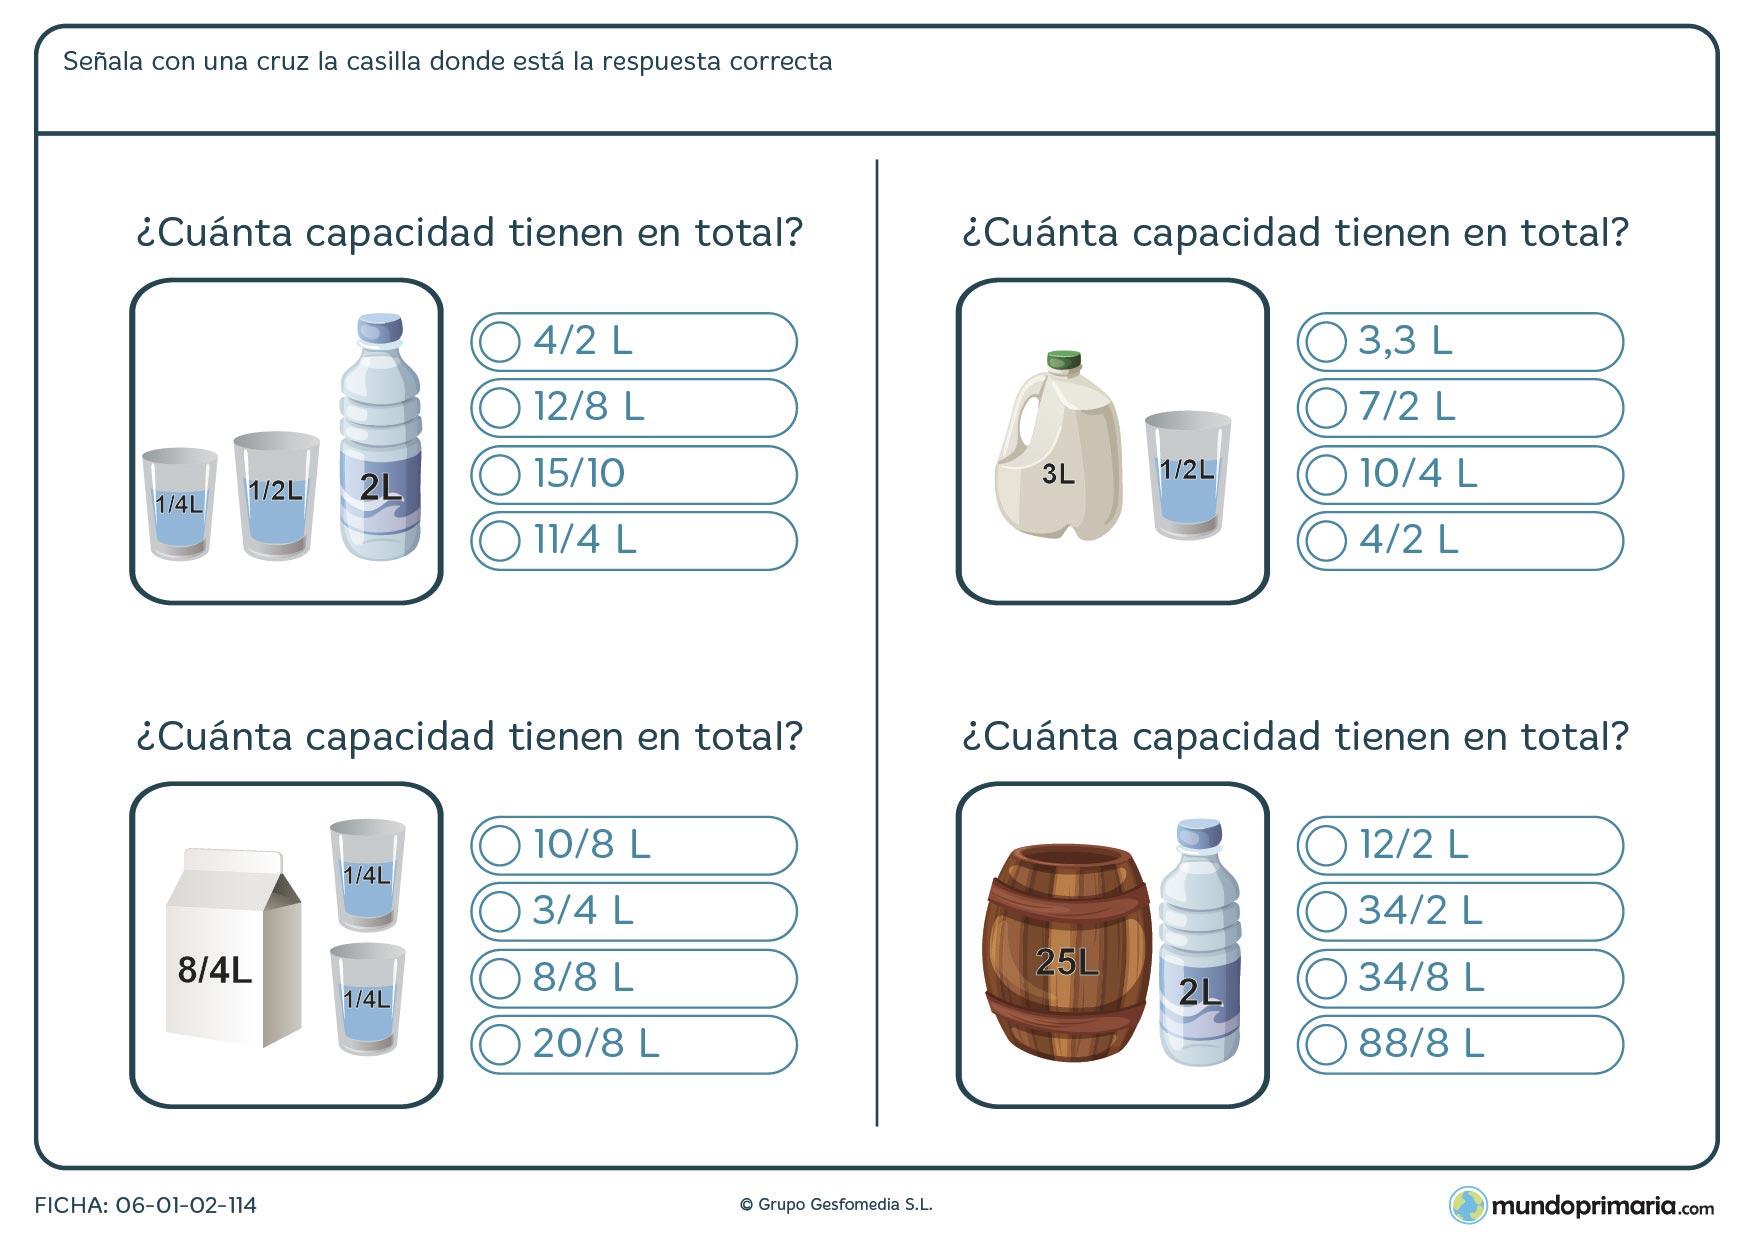 Ficha de total de litros que tienen las imágenes, suma y señala con una x la respuesta correcta.